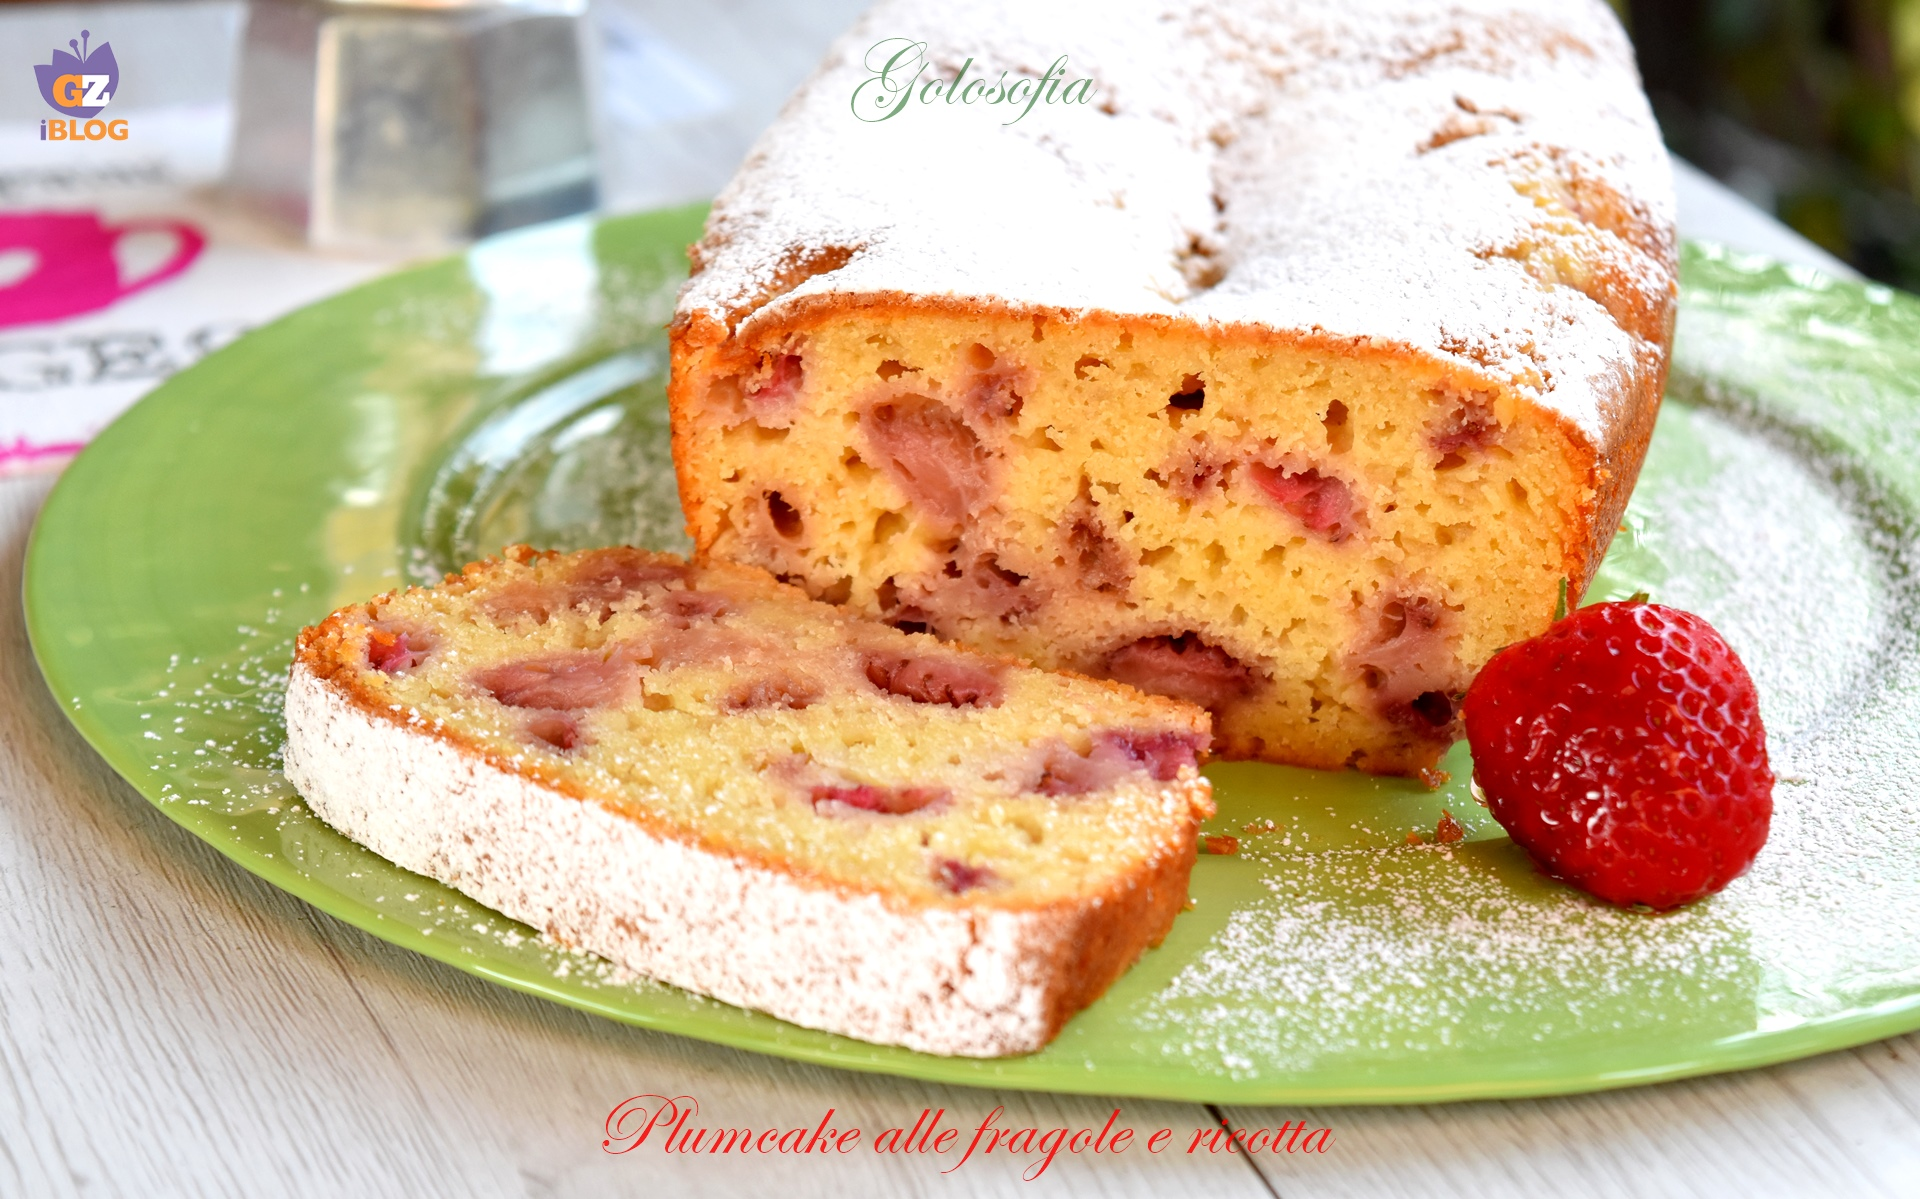 Plumcake alle Fragole e Ricotta, Ricetta Sofficissima per la Colazione